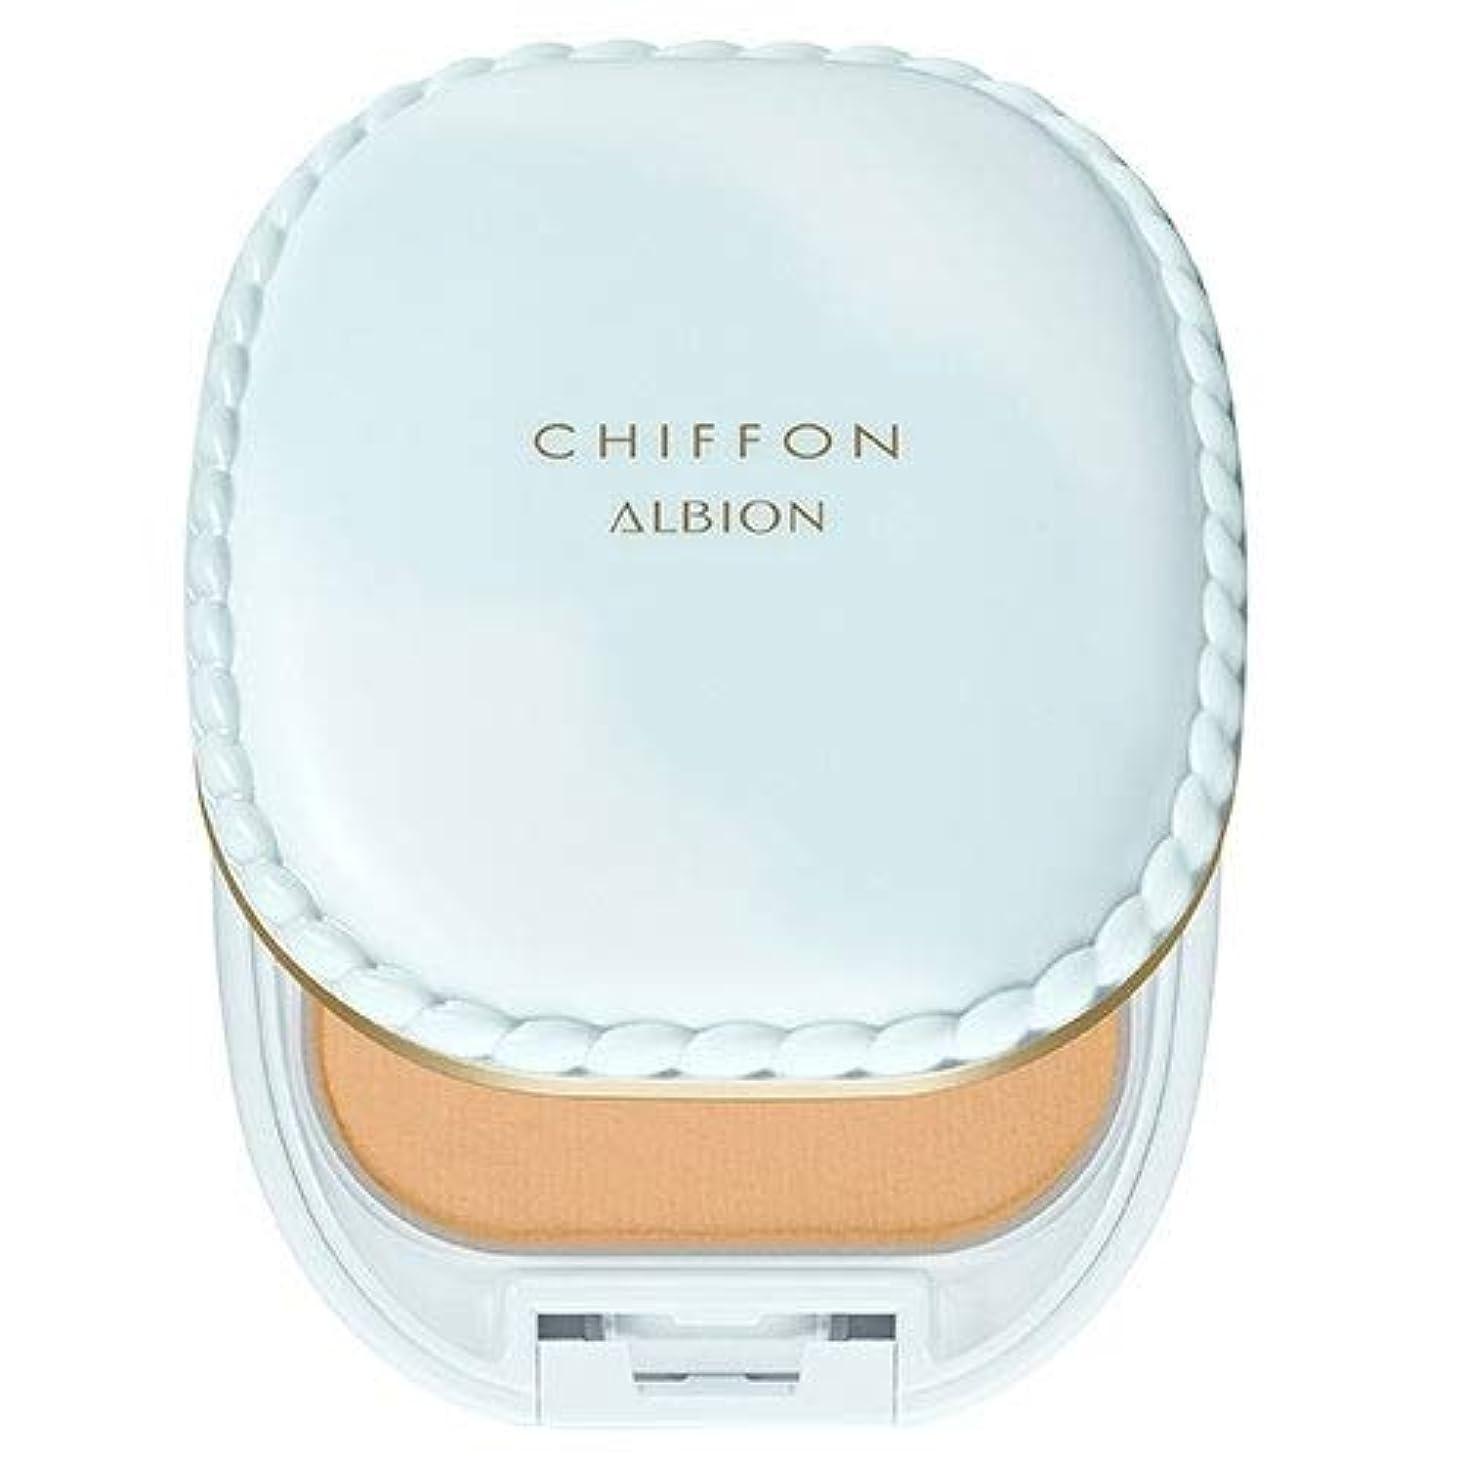 買い手ガイド無意味アルビオン スノー ホワイト シフォン 全6色 SPF25?PA++ 10g (レフィルのみ) -ALBION- 040